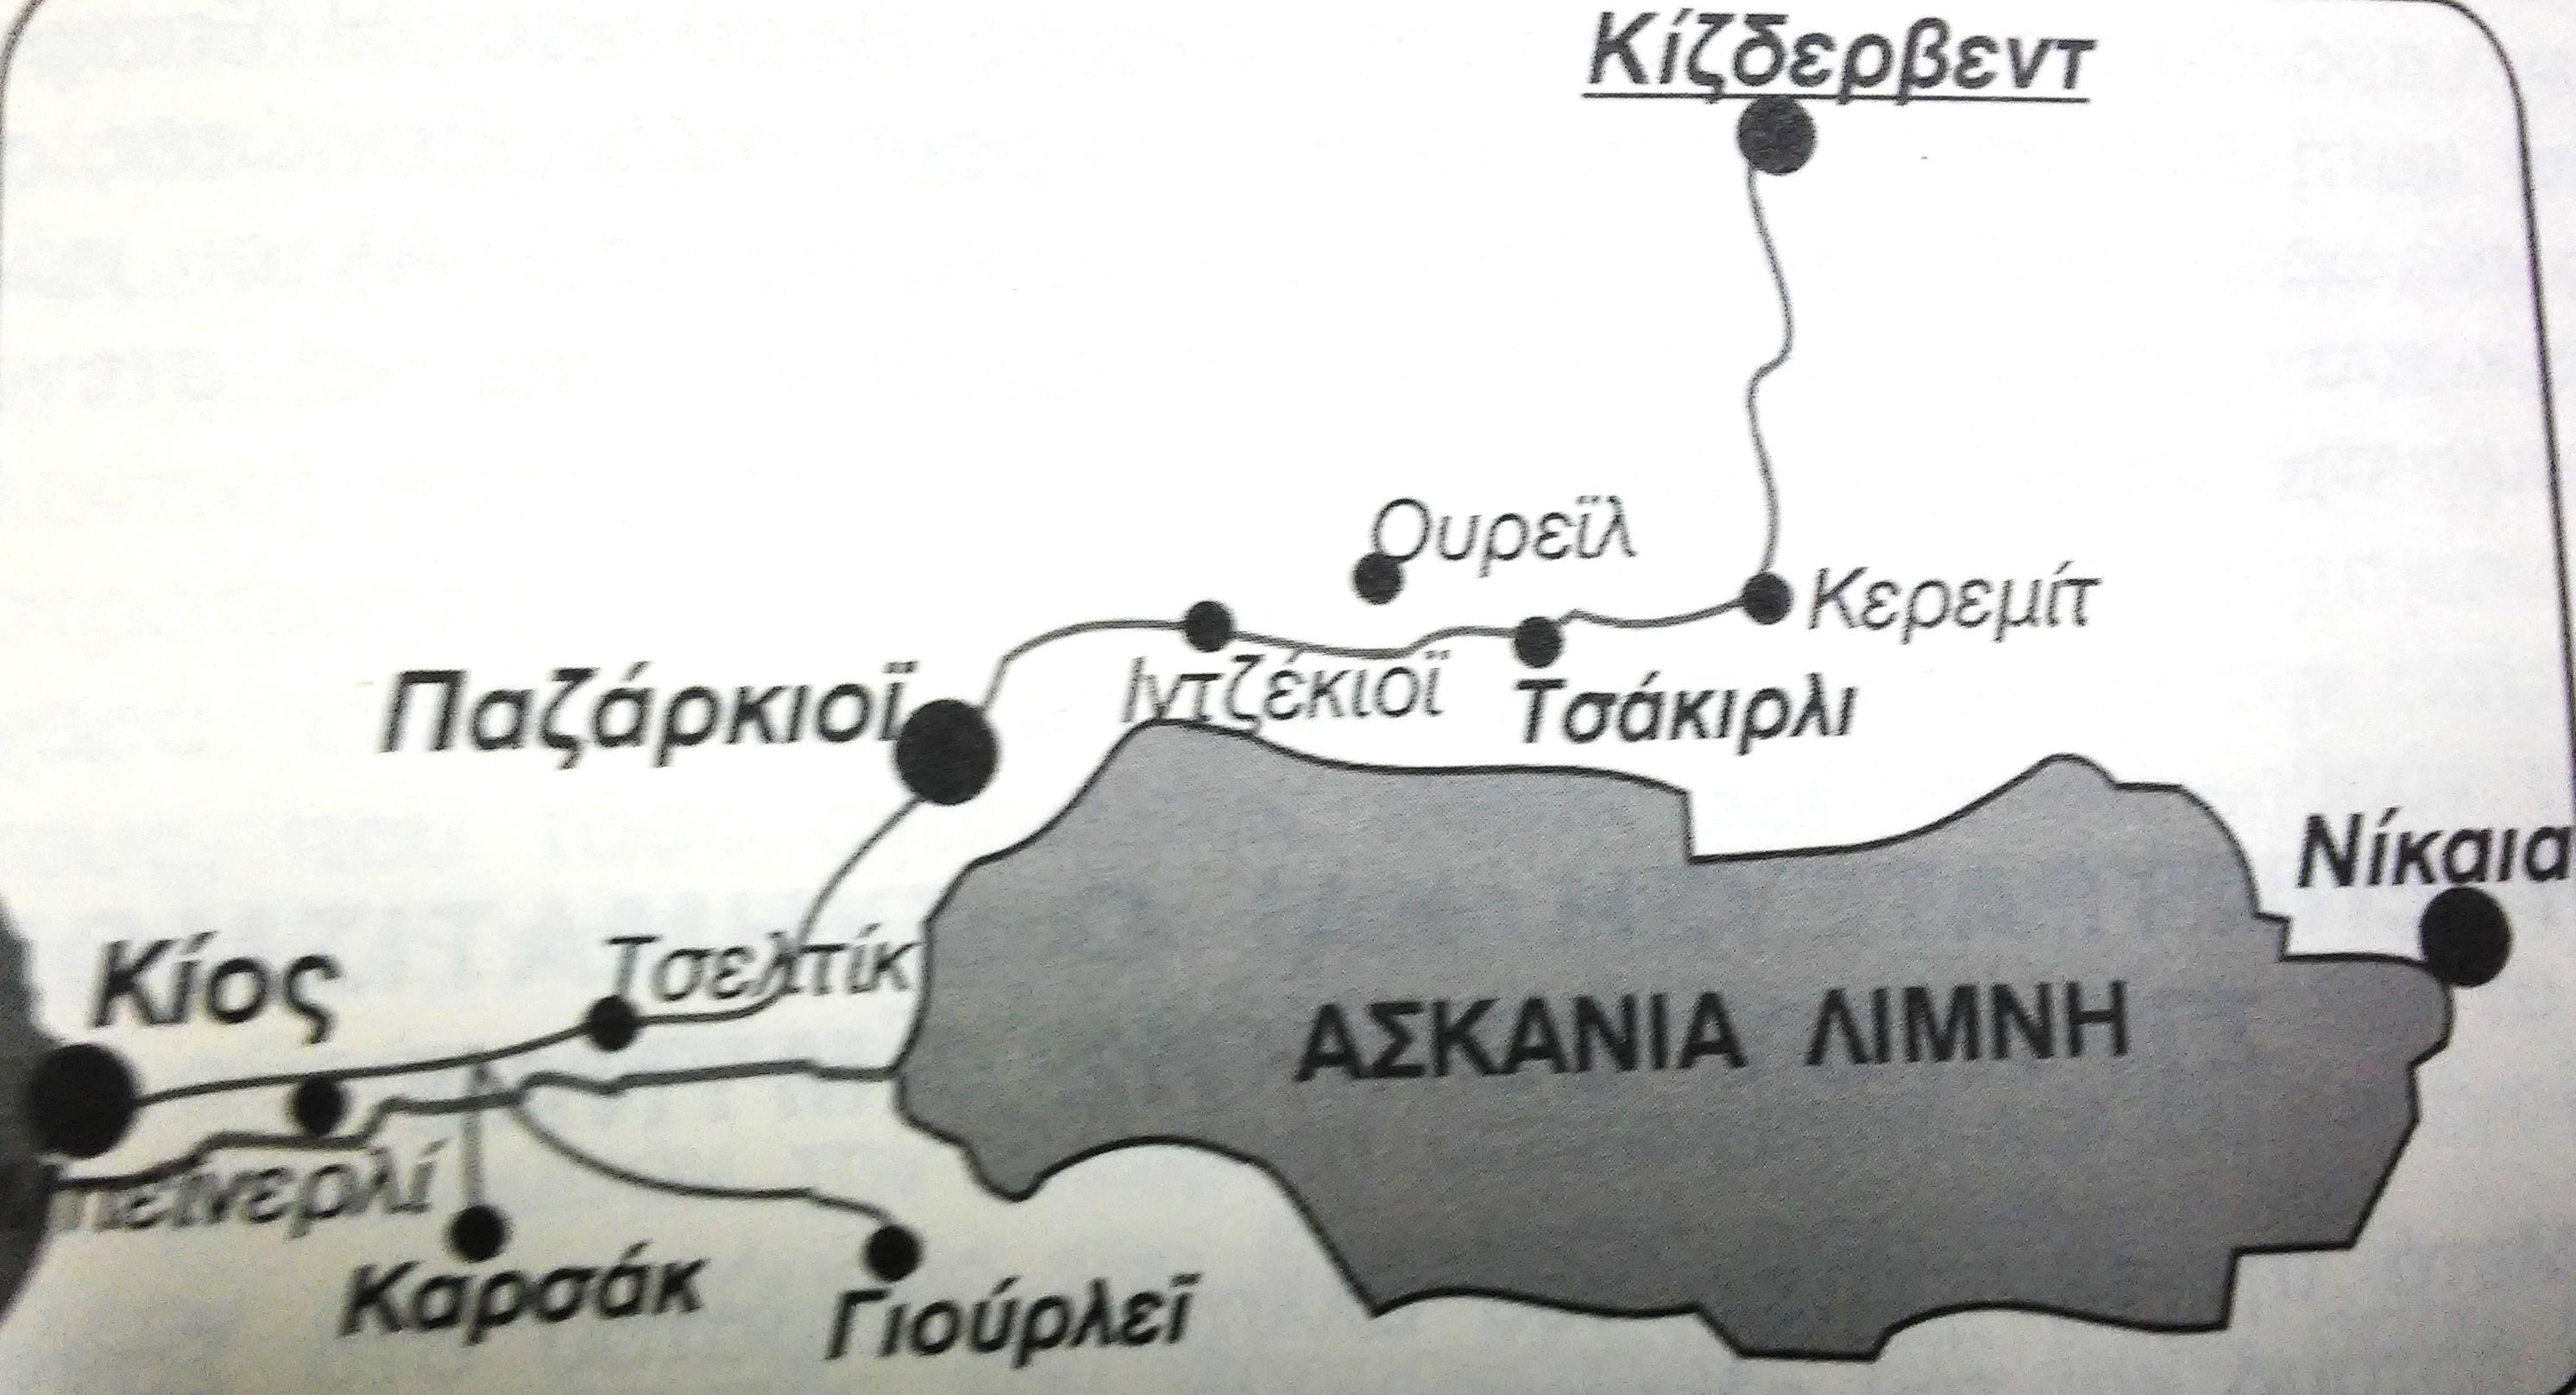 Πορεία Κιδερβενιωτών προς Παζάρ-Κιοϊ και Κίο και διαμονή αυτών σε Αρμενικά χωριά (1922)